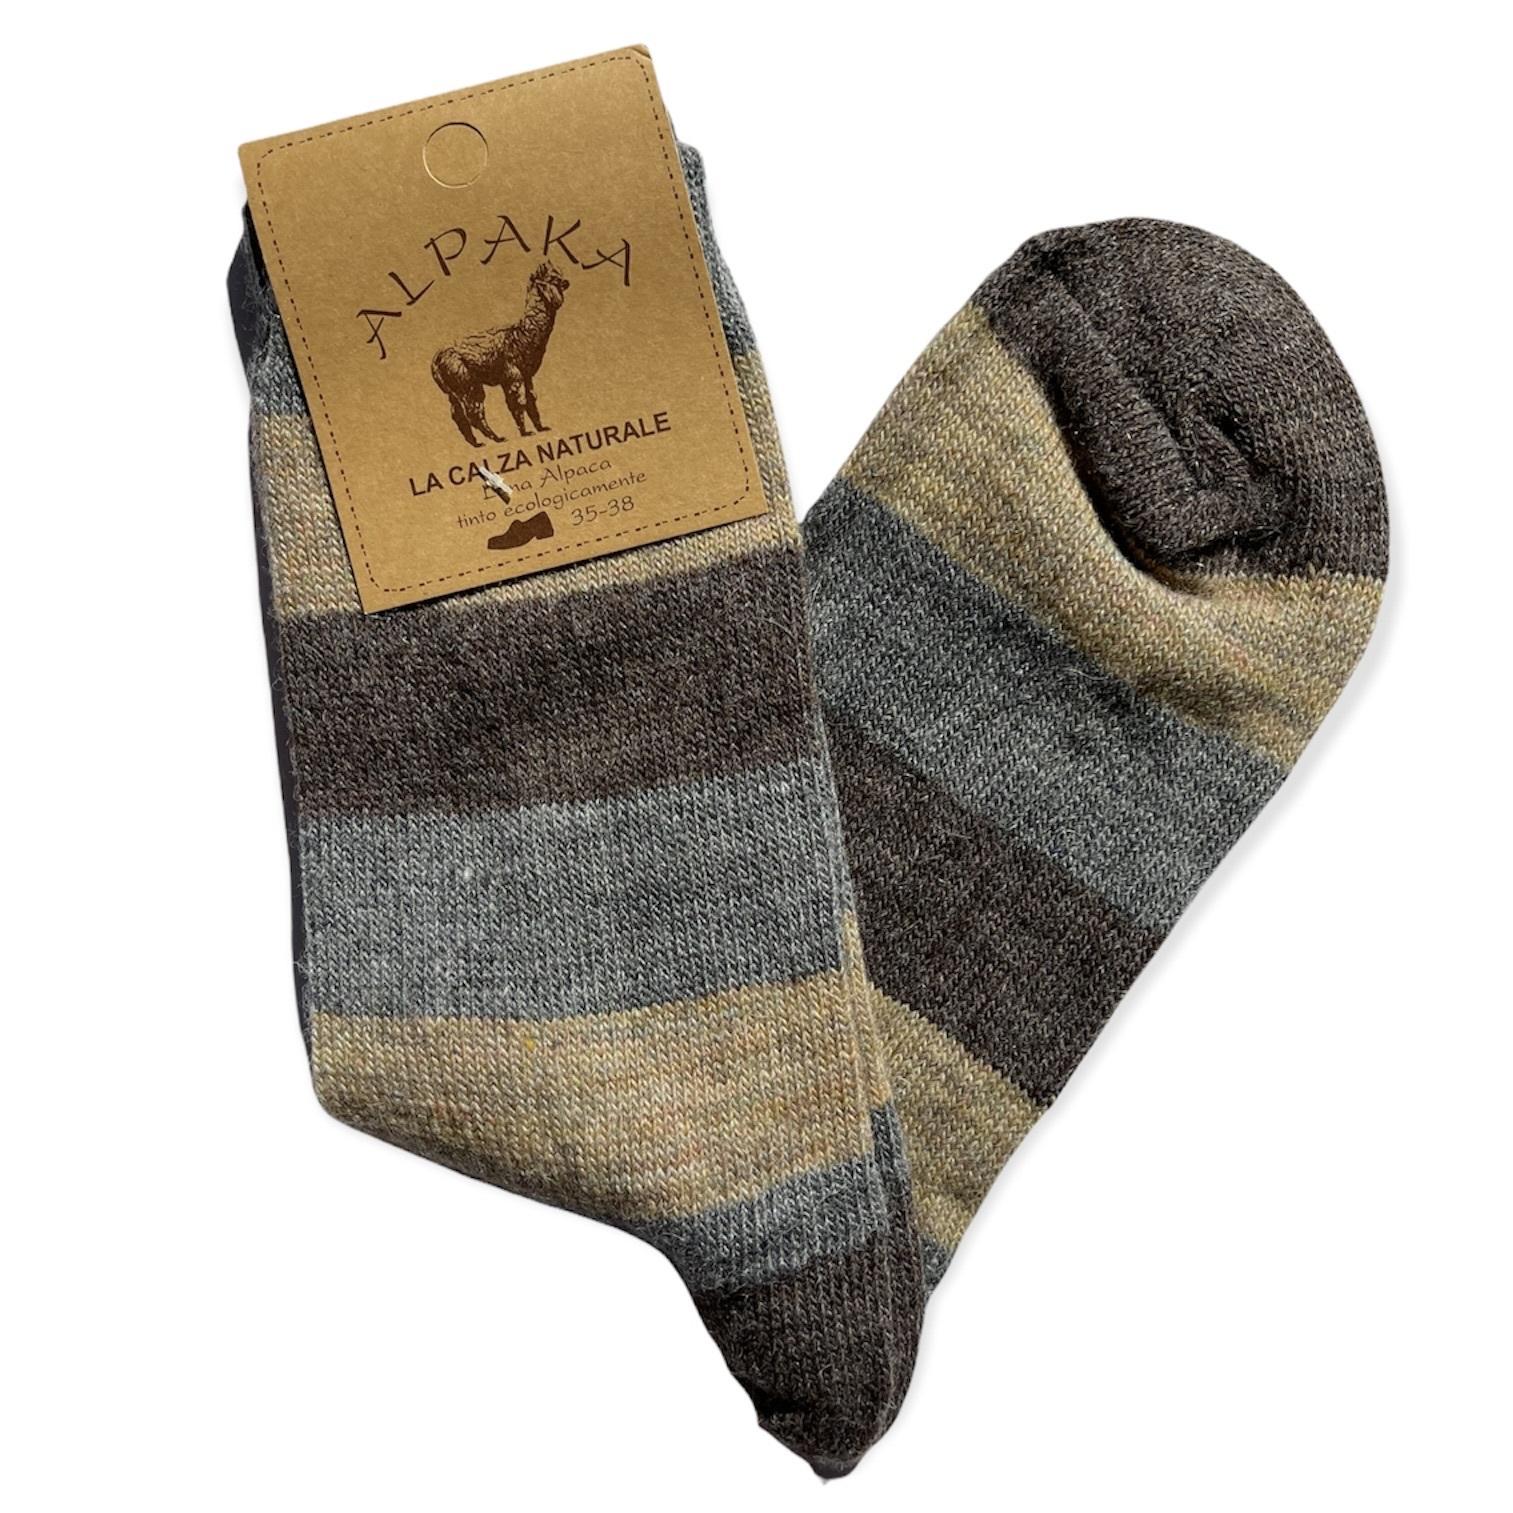 Носки 100% шерсть, серо-коричневая полоска, Италия